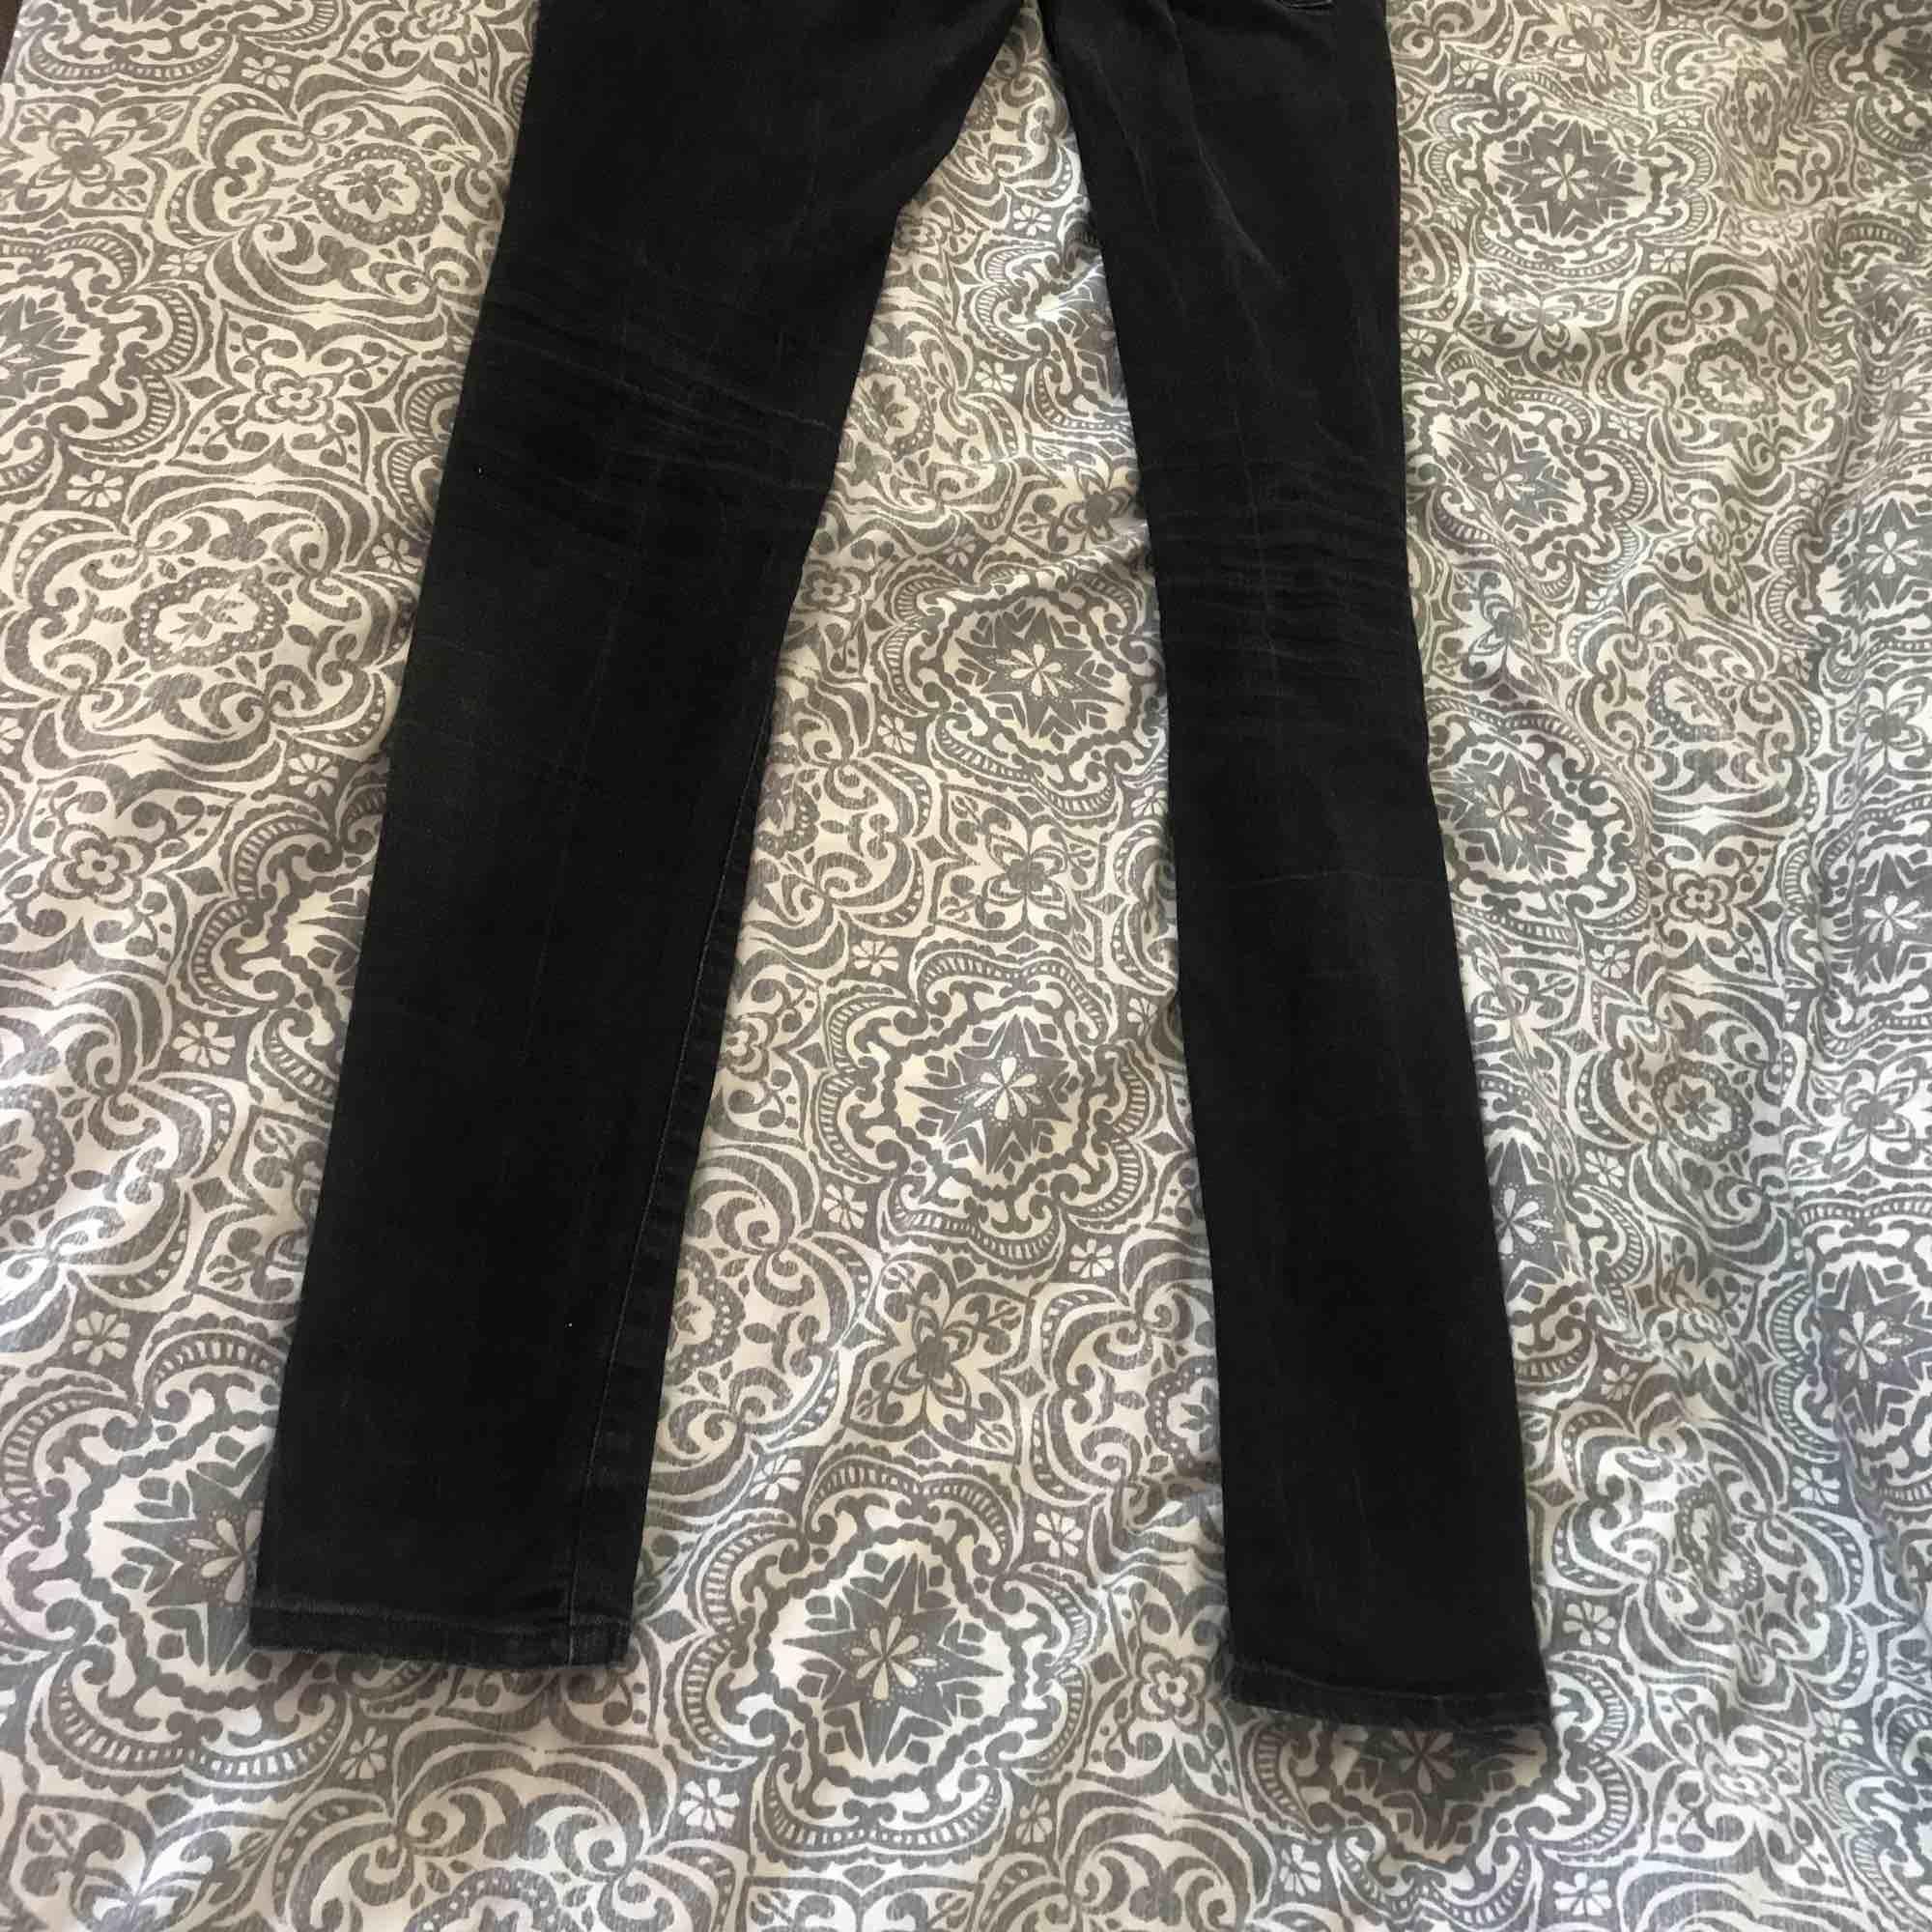 Snygga jeans från Crocker. Storlek 28/32, låg midja. Sitter snyggt på och passar de flesta! Orginalpris: 600, säljes för 100. Köpare står för eventuell frakt!. Jeans & Byxor.